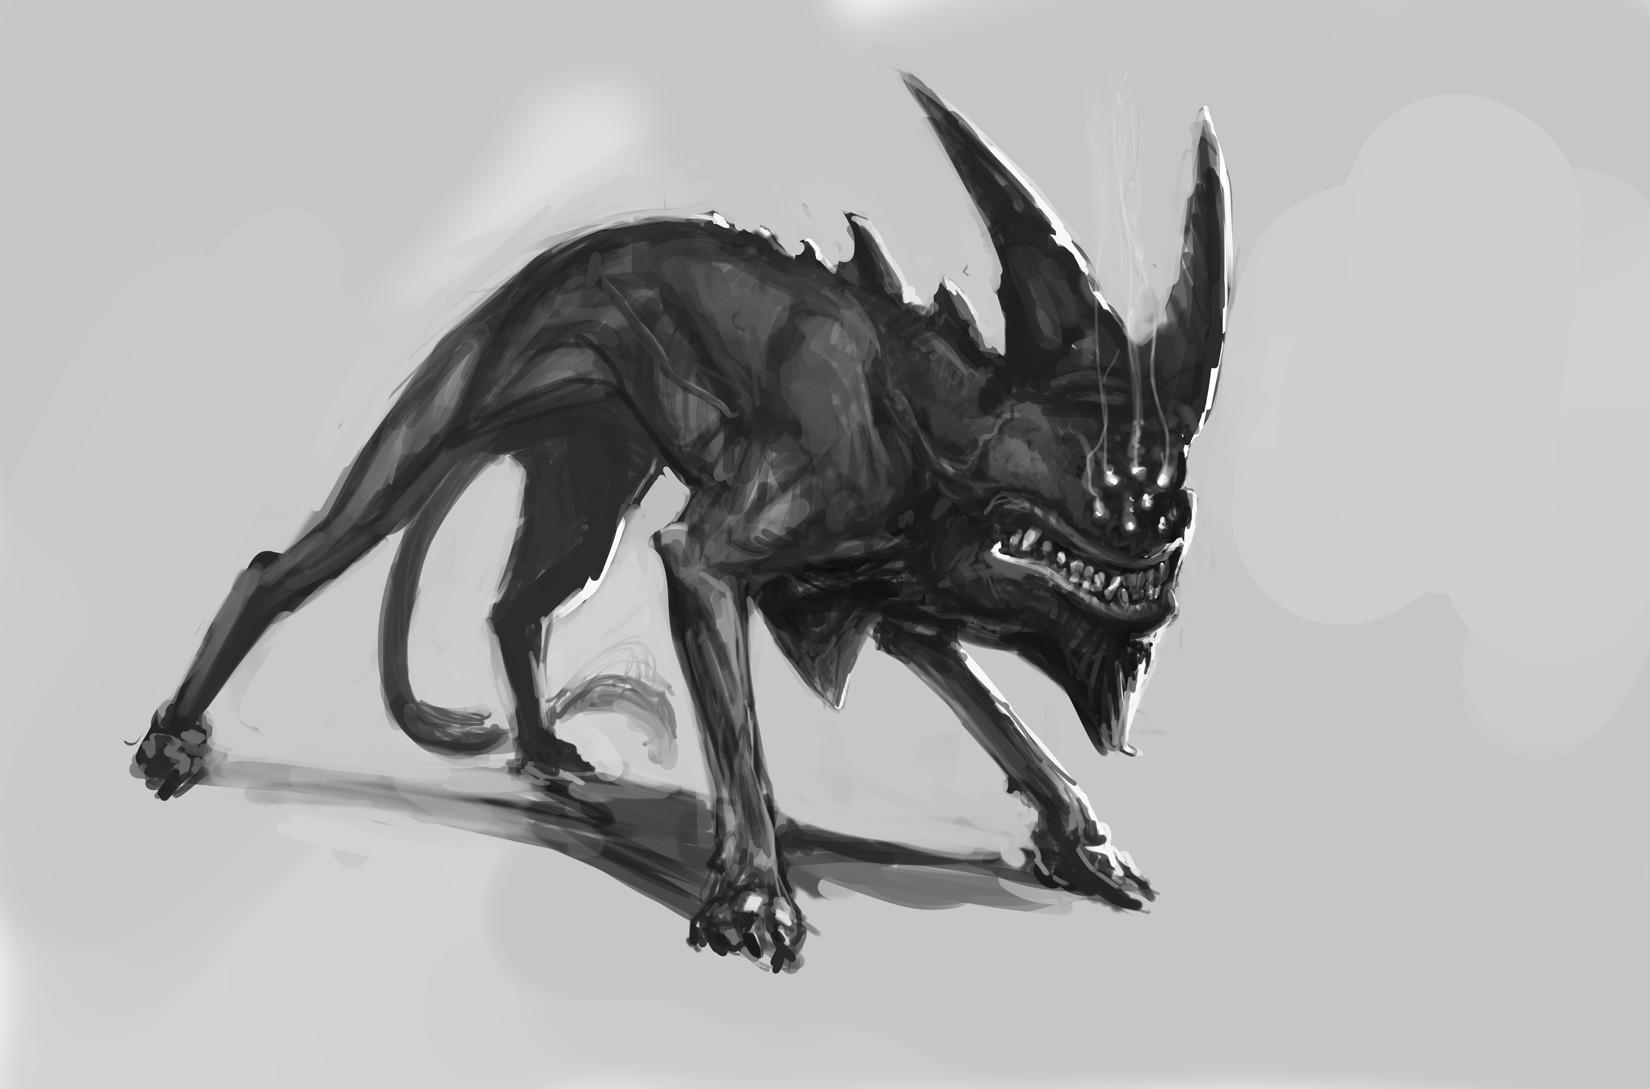 Carlo spagnola hellhound sketch